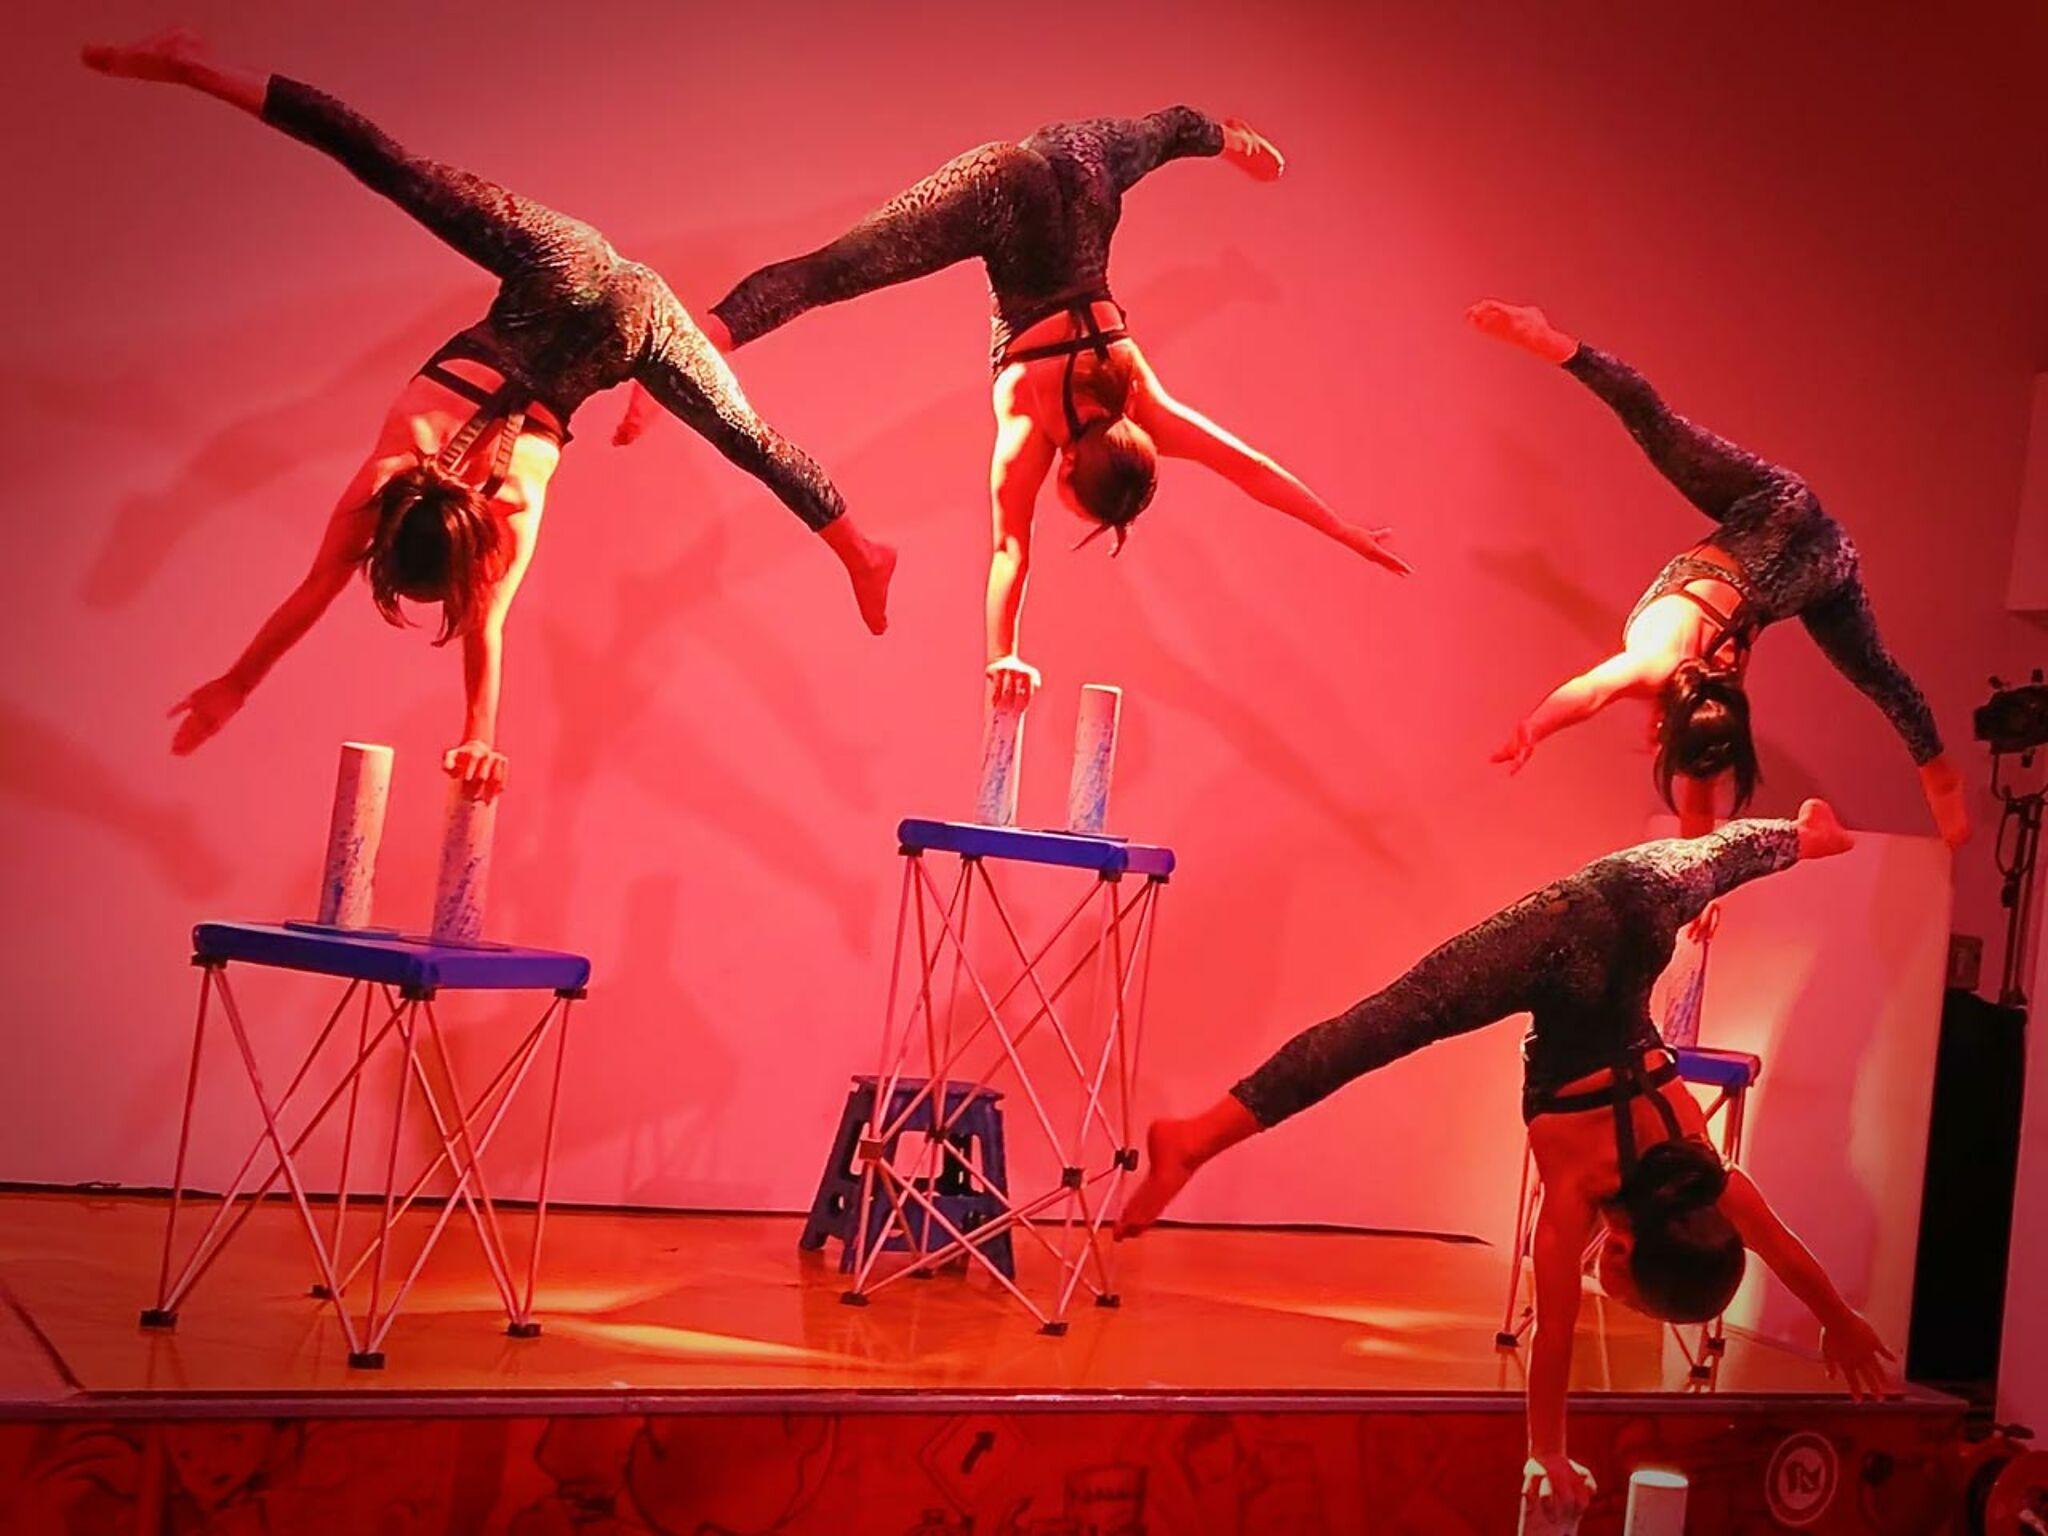 赤い照明の中、体操のショーをおこなっている画像